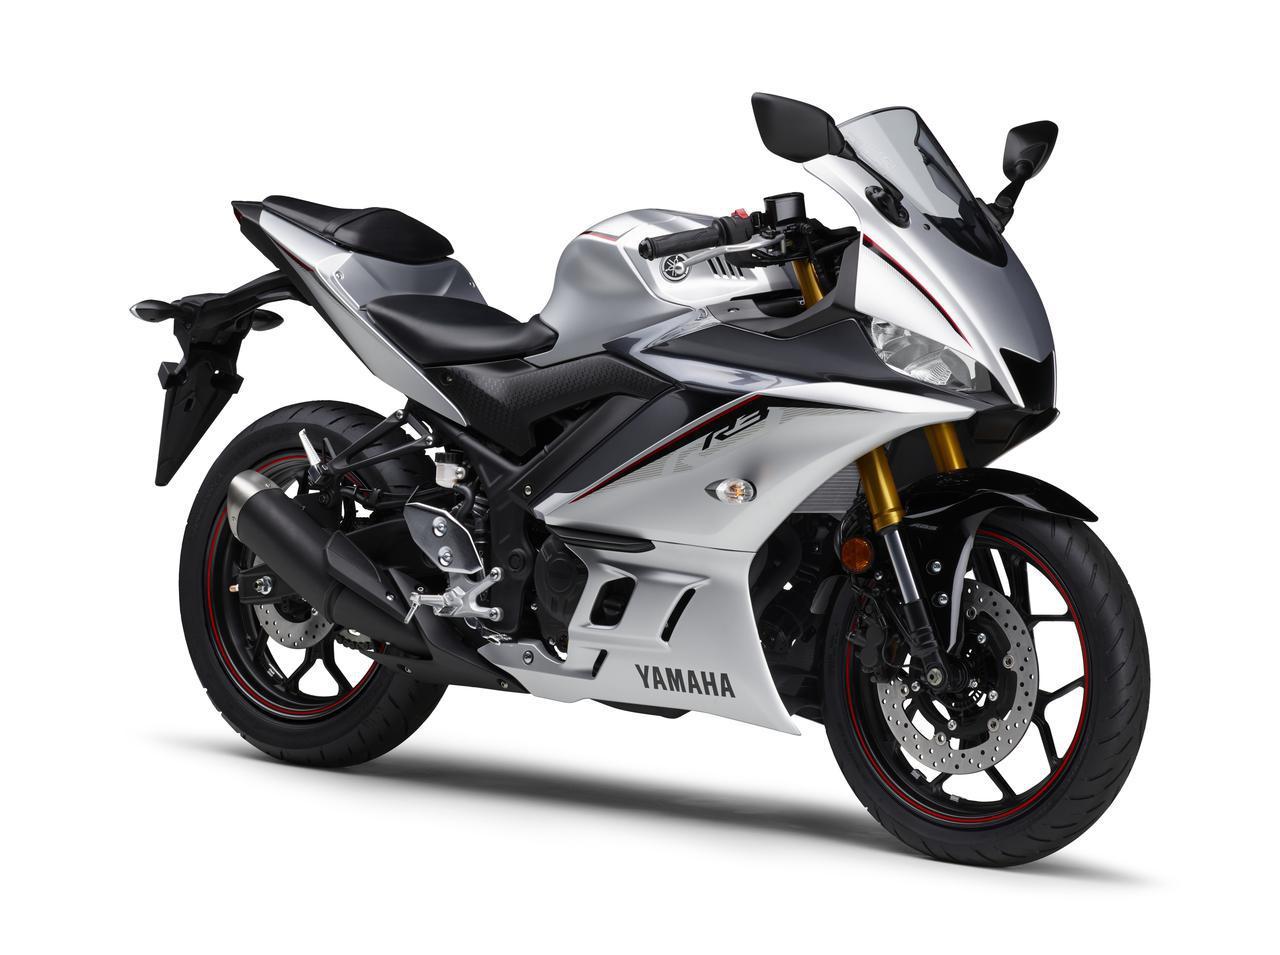 画像9: ヤマハ「YZF-R25/ABS」「YZF-R3 ABS」の2020年モデルが2月14日(金)発売! 3色展開で、すべてニューカラー!